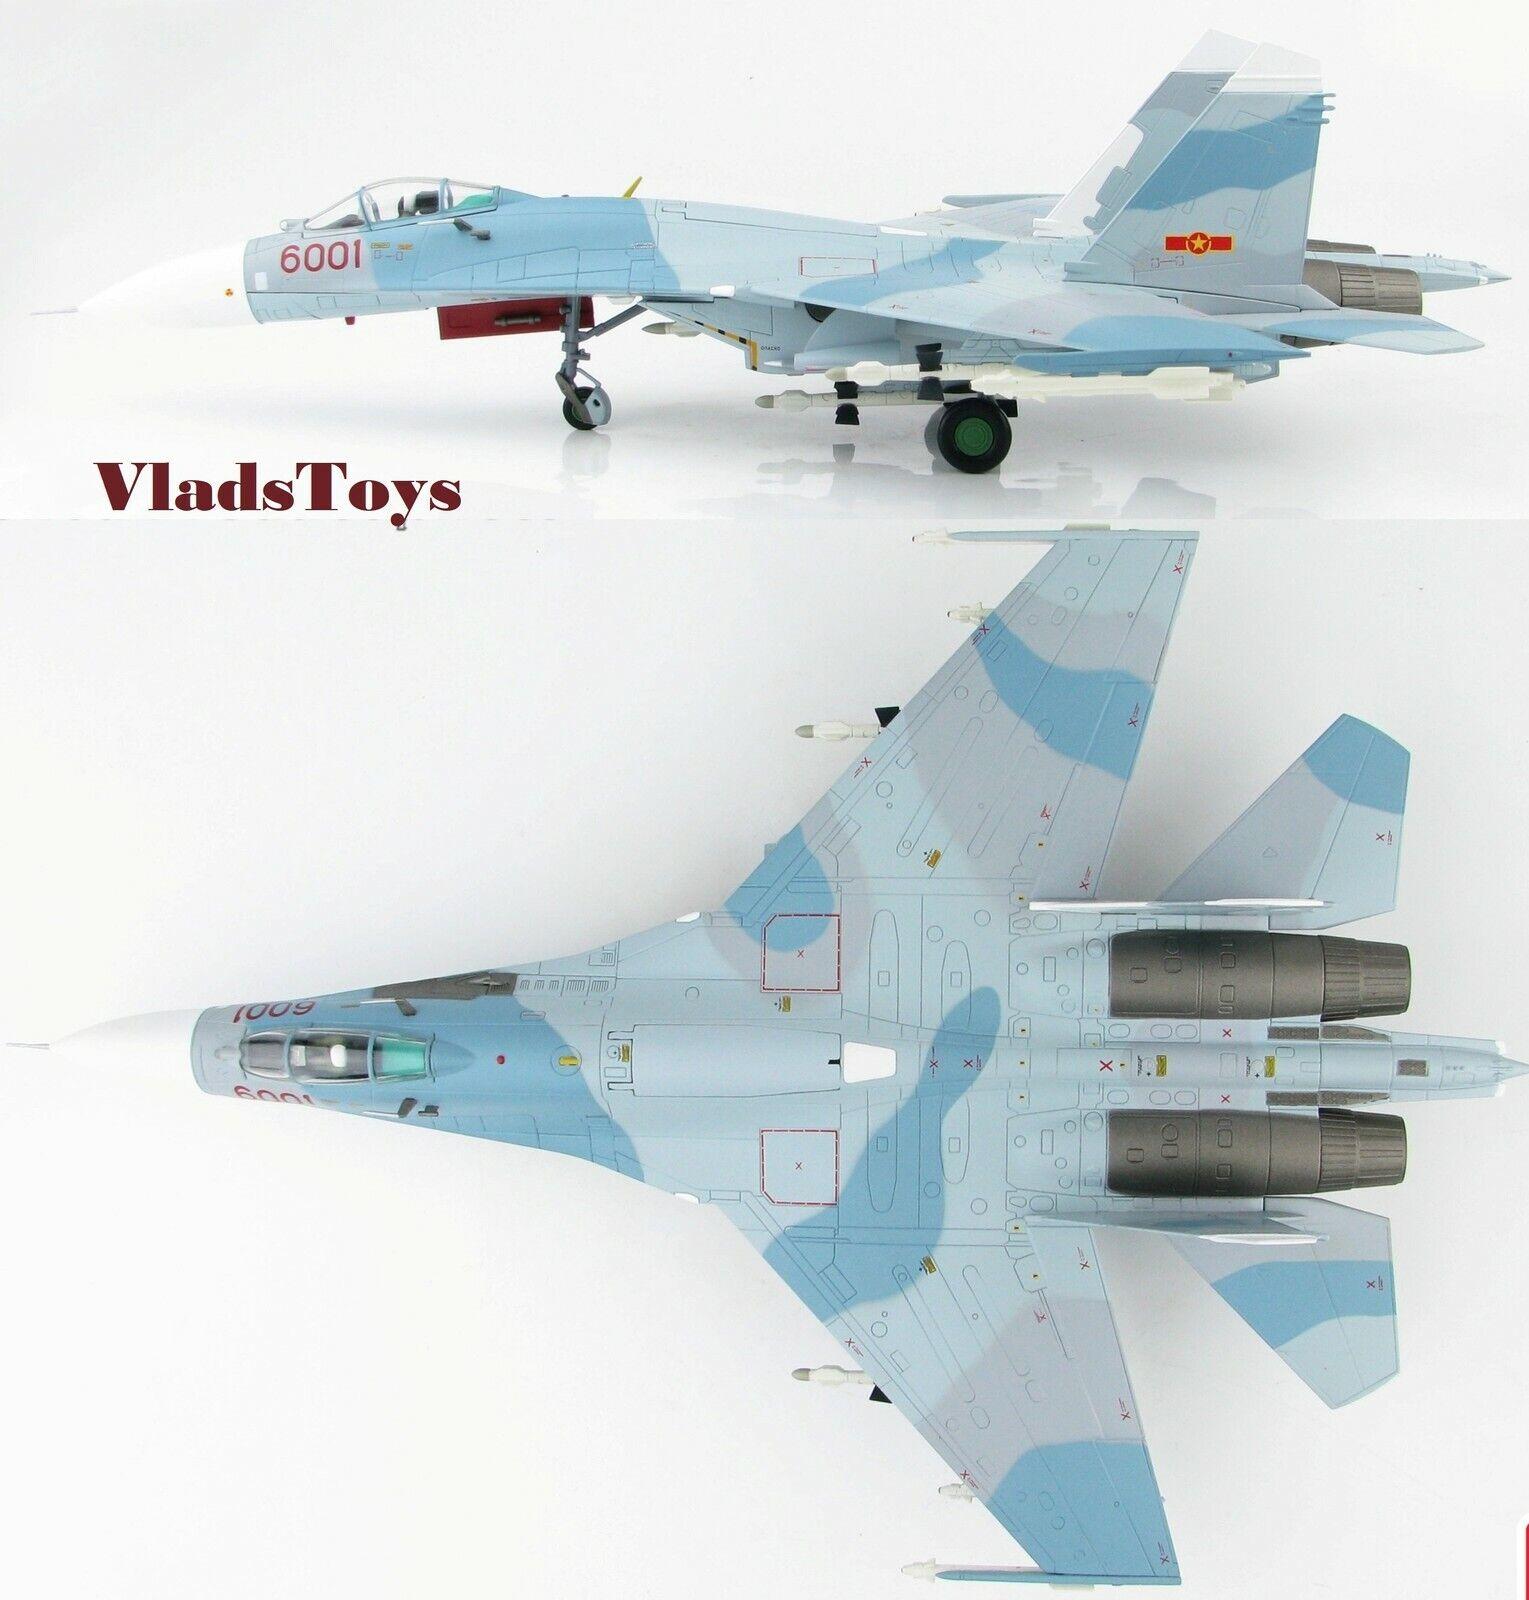 servizio premuroso Hobby Master 1 72 Su-27sk Flanker-B Vpaf 370th Fgt Divisione Divisione Divisione Rosso 6001 Vietnam  acquisto limitato